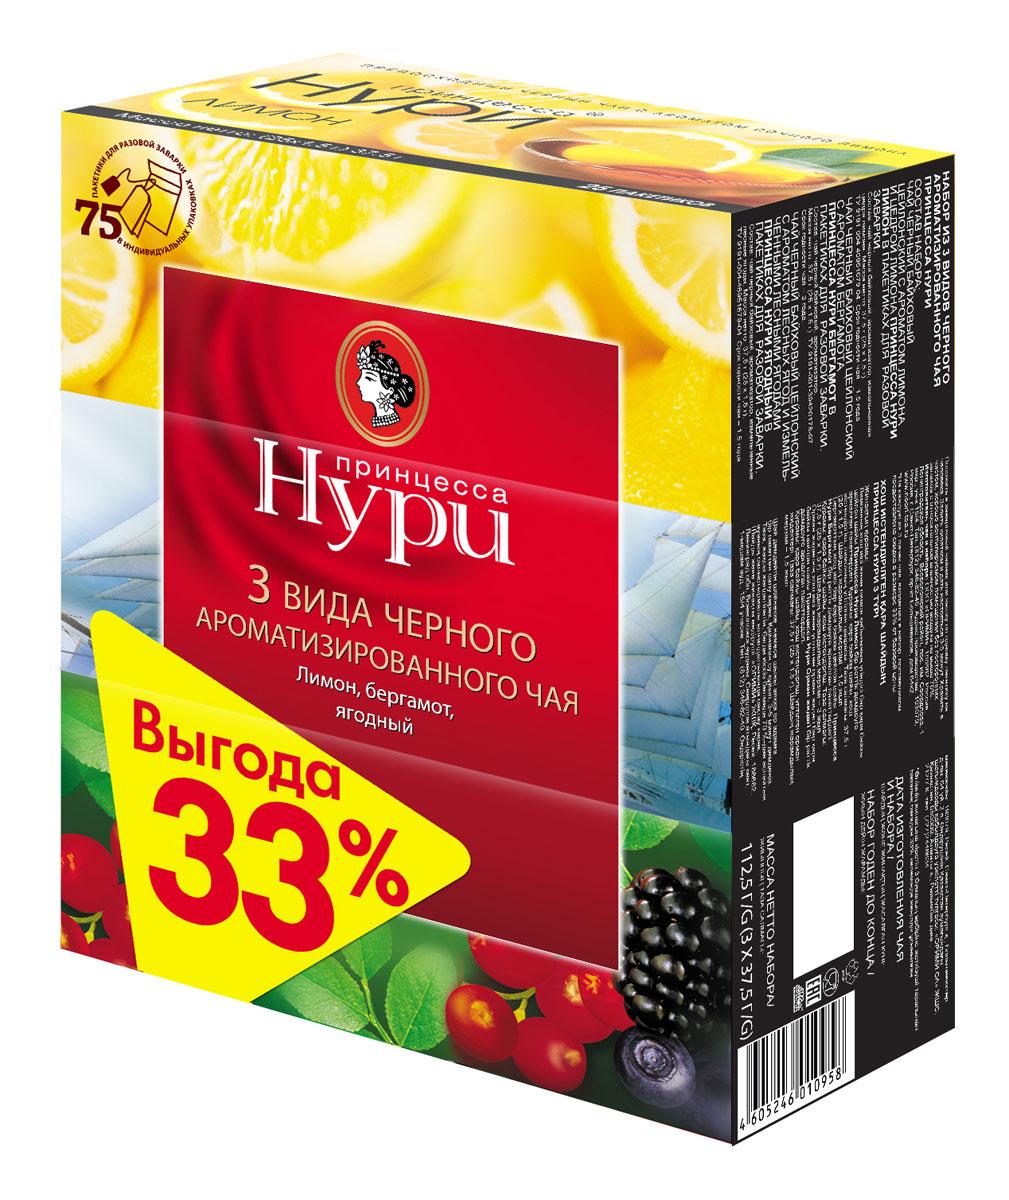 Принцесса Нури черный чай в пакетиках, 75 шт (3 вида чая по 25 шт)1095-08Набор ароматизированного черного чая Принцесса Нури с лесными ягодами, бергамотом и лимоном. Превосходный цейлонский чай в сочетании с различными вкусами подарит незабываемые ощущения.